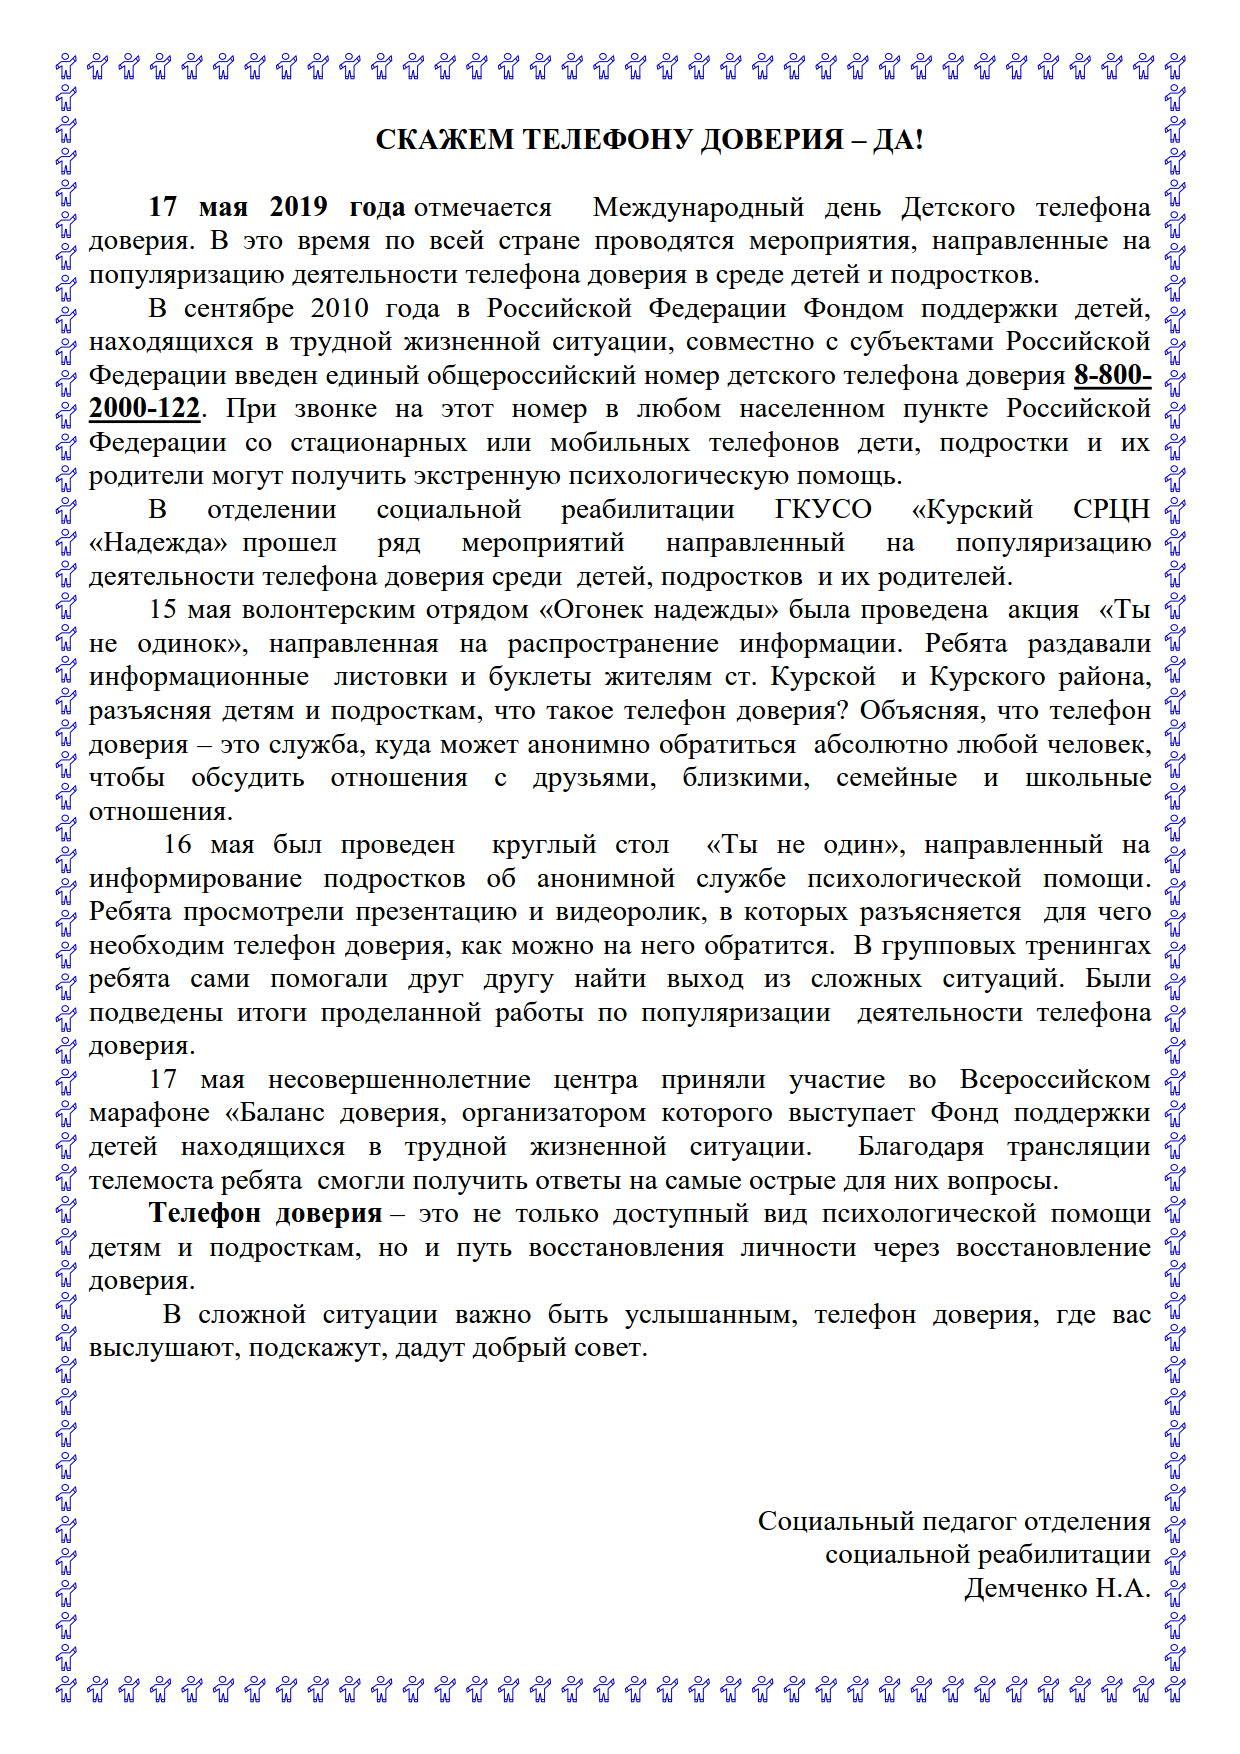 статья телефон даверия_1